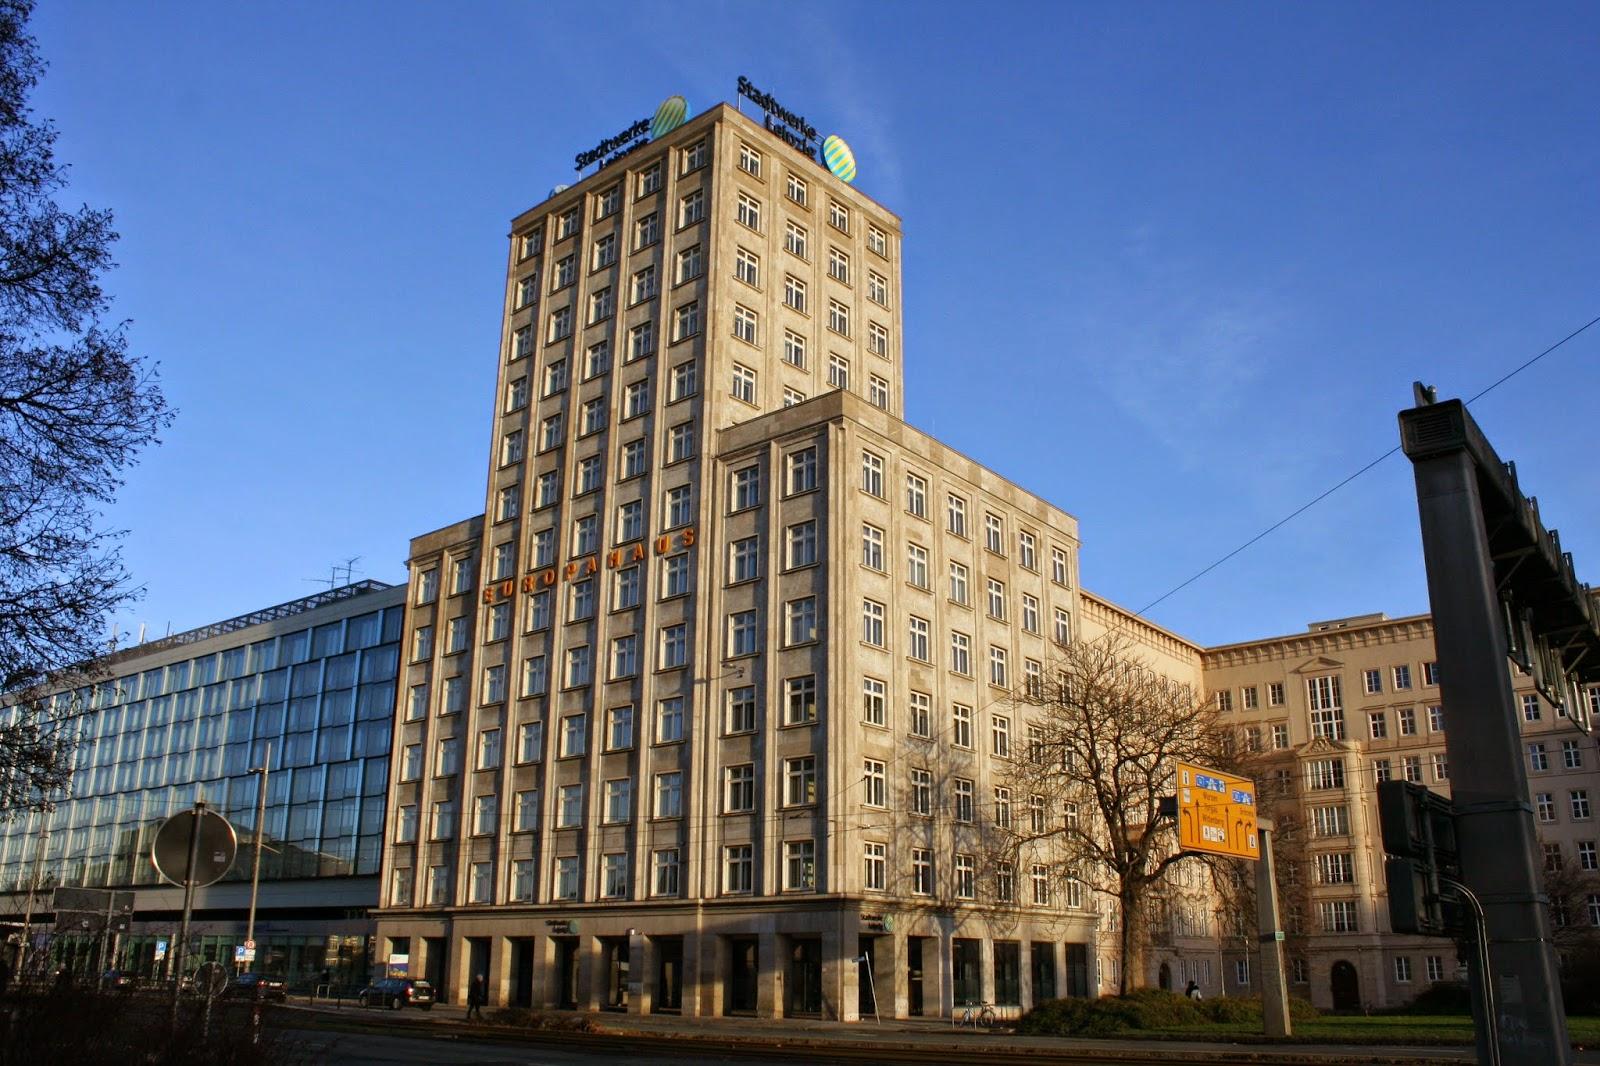 """Das """"Europahaus"""" ist ein 13 geschossiges Gebäude - nach mehrfachen baulichen Veränderungen in den 60ger Jahren wurde 1998/99 nochmals eine Instandsetzung durchgeführt"""